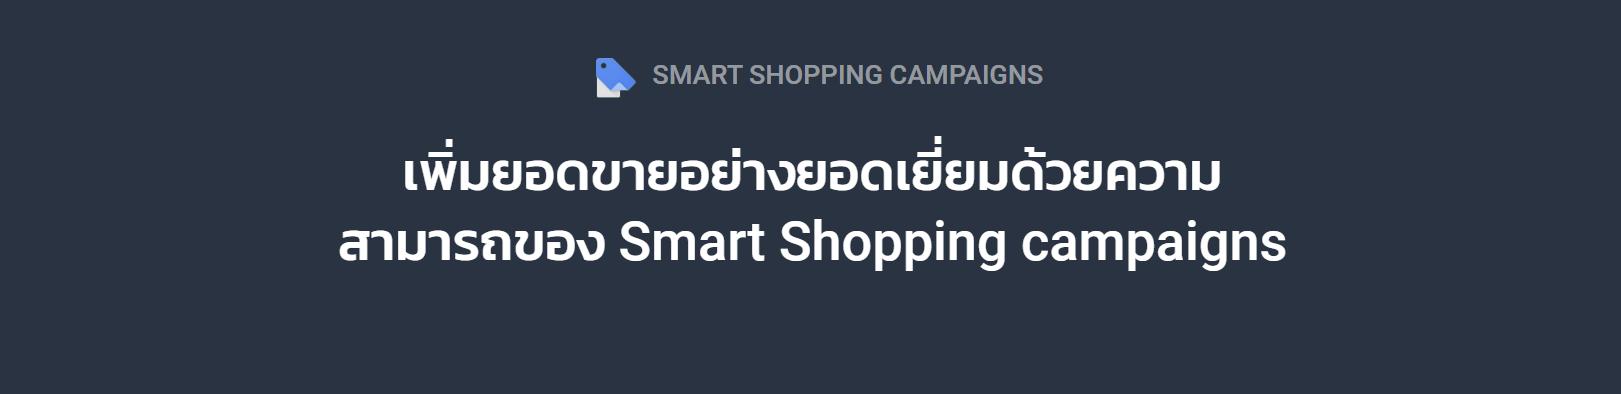 เพิ่มยอดขายด้วย Smart Shopping Campaign